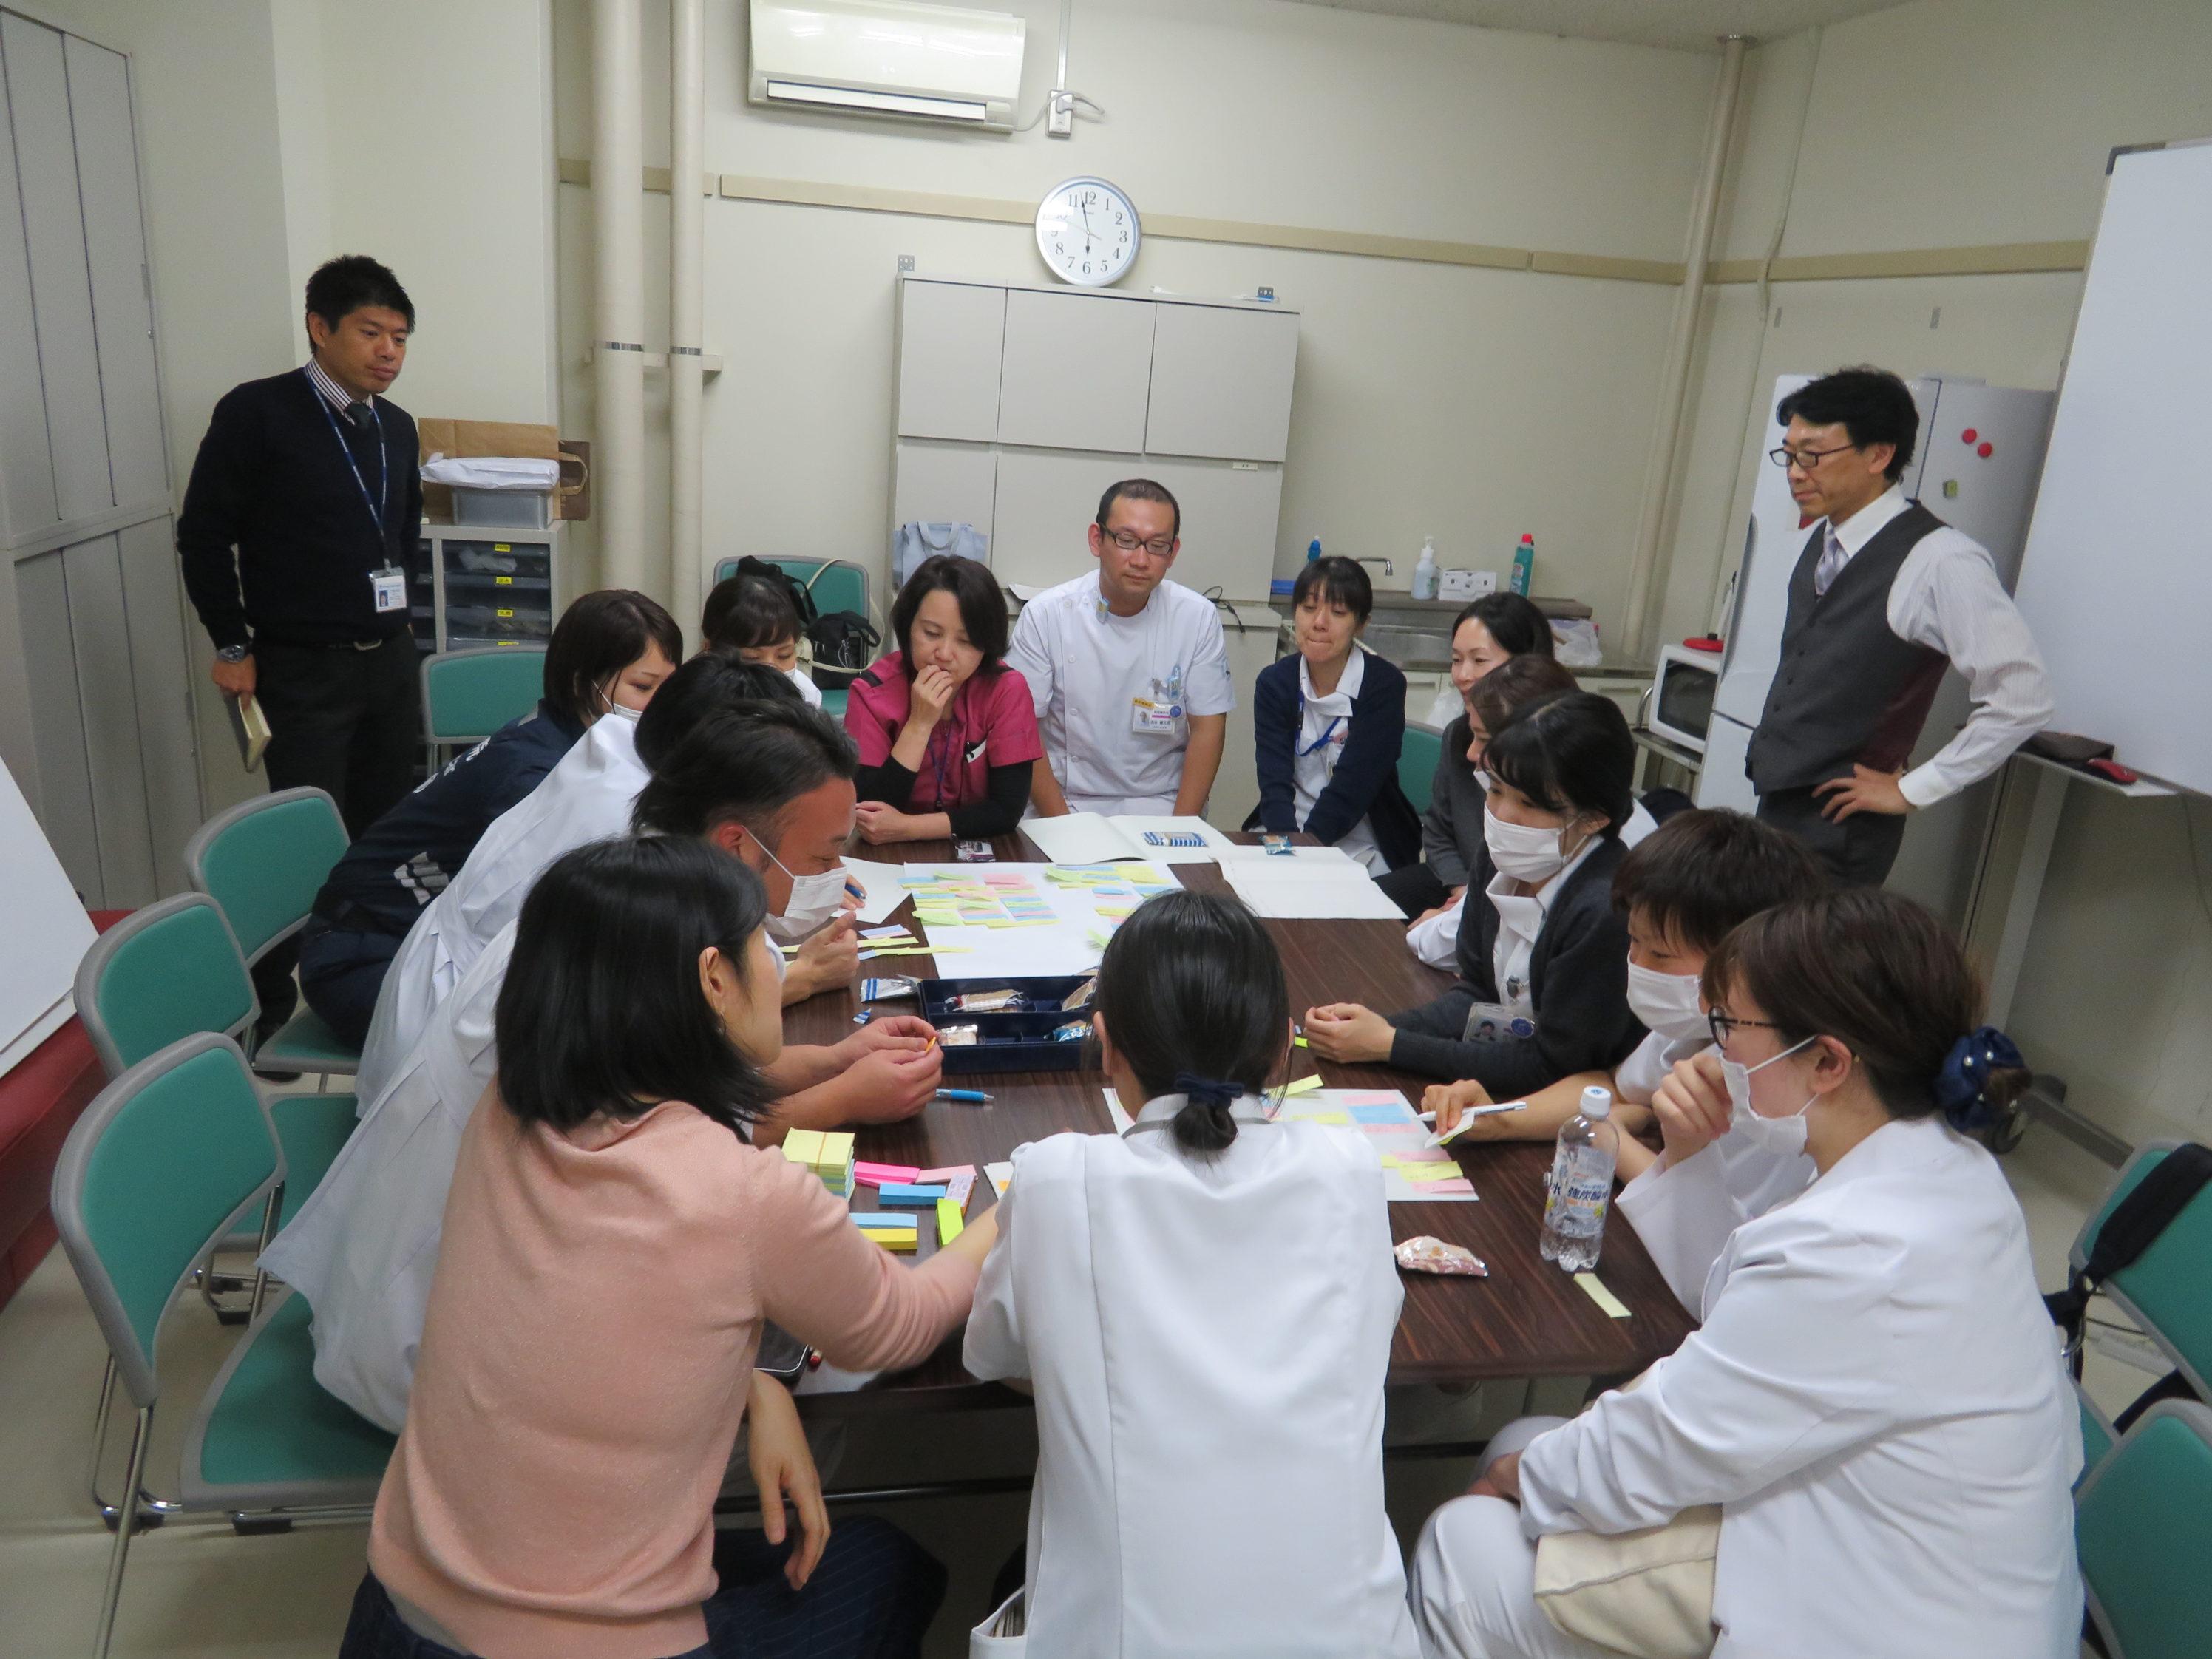 病院の働き方改革シンポジウム −長崎大学病院の先進的な取り組み事例より−